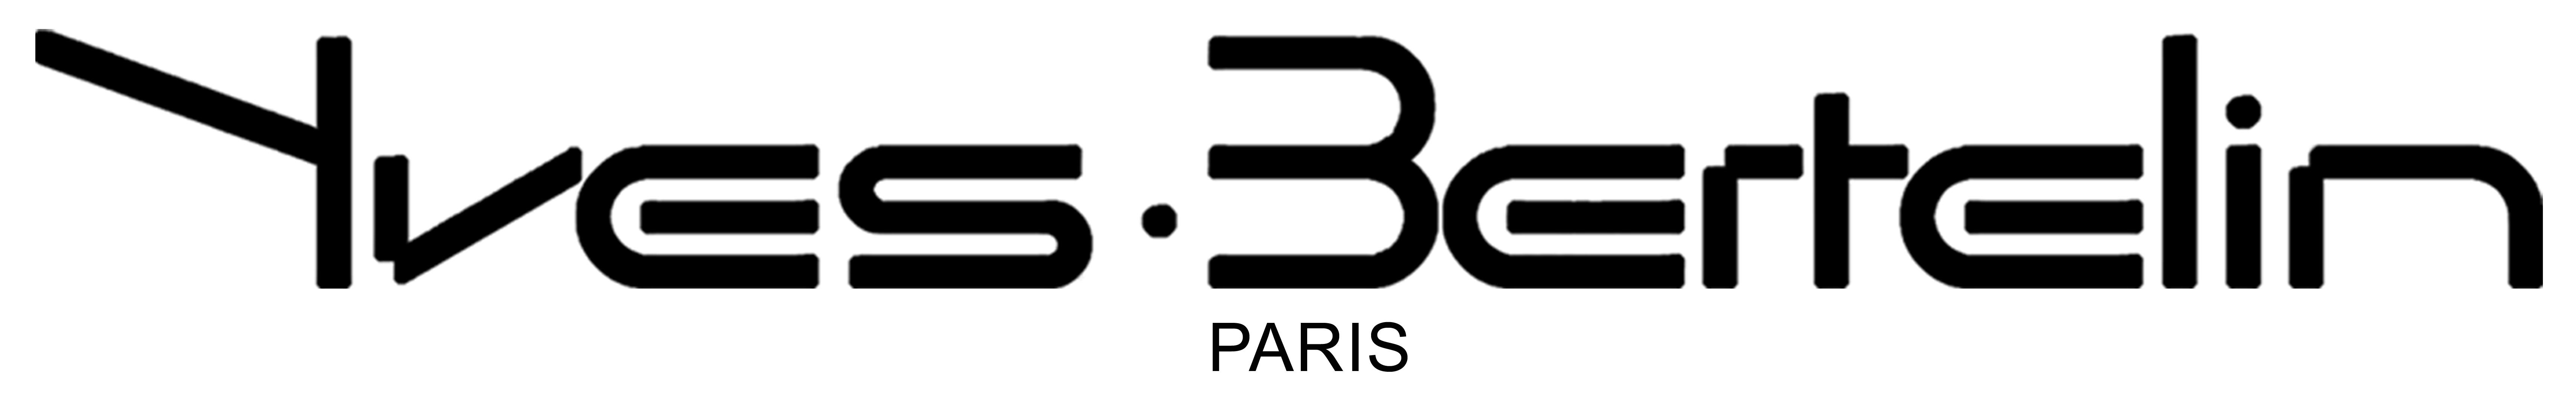 logo Y.BERTELIN paris